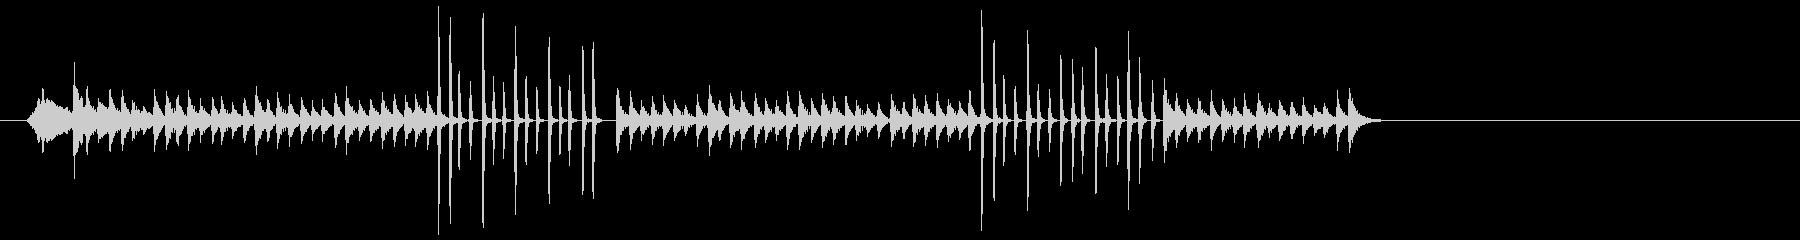 サイレンホイッスル、ログドラム、ブ...の未再生の波形